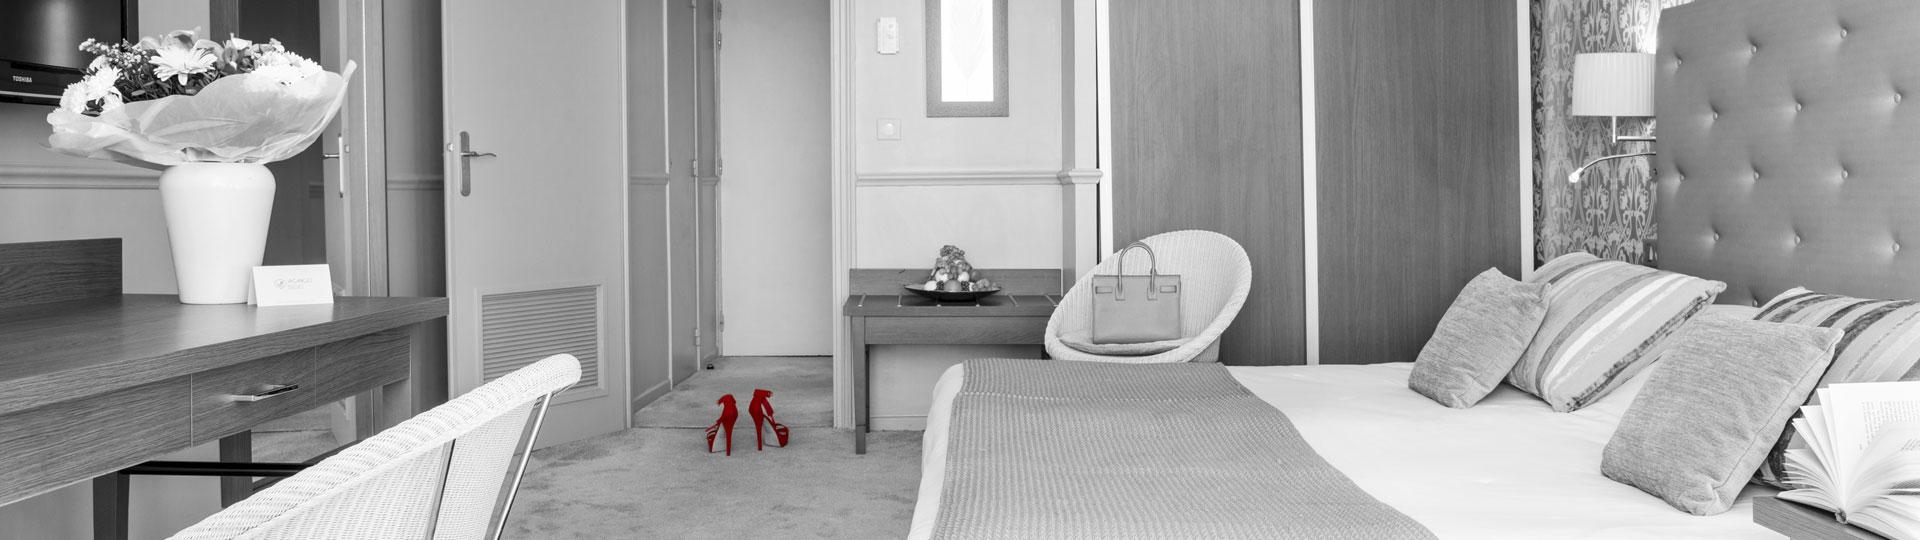 Photo noir et blanc d'une chambre de l'hôtel Le Royal à Nice